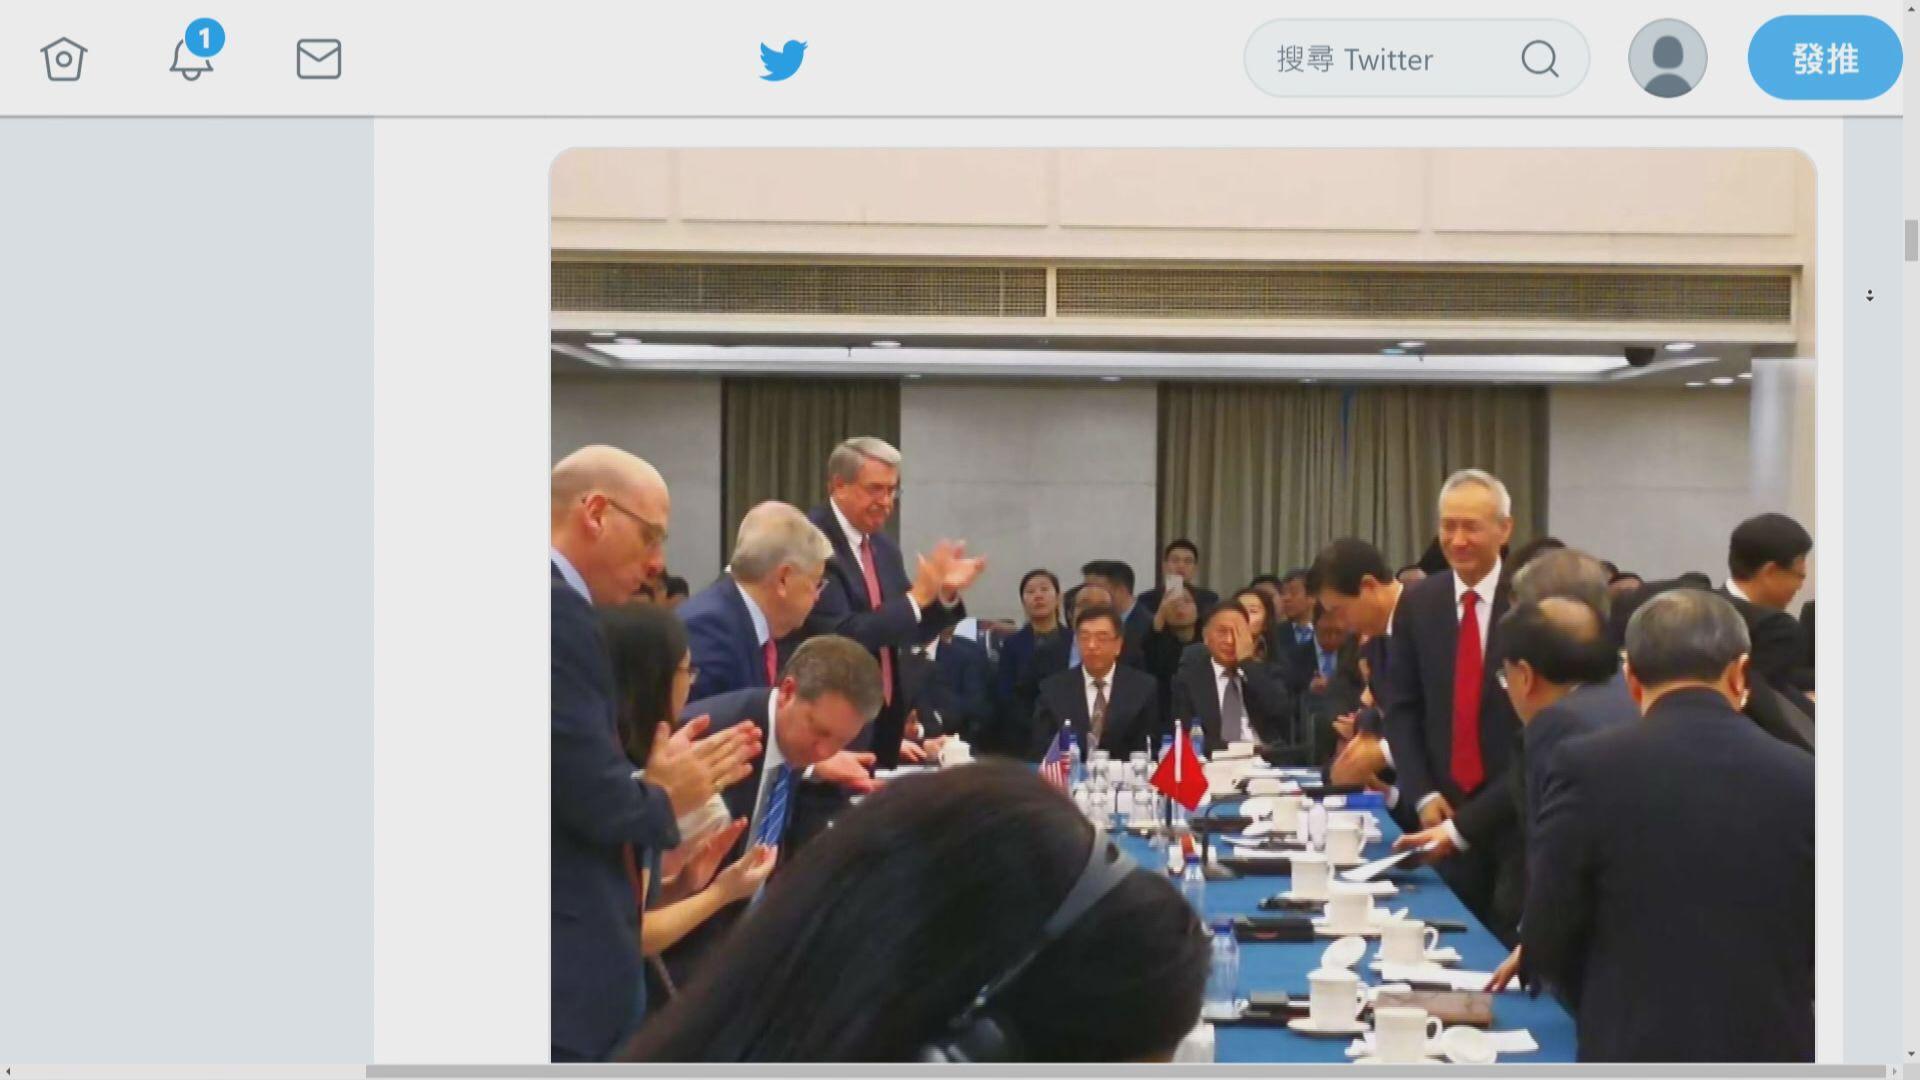 【中美磋商】外交部證實劉鶴有出席會議